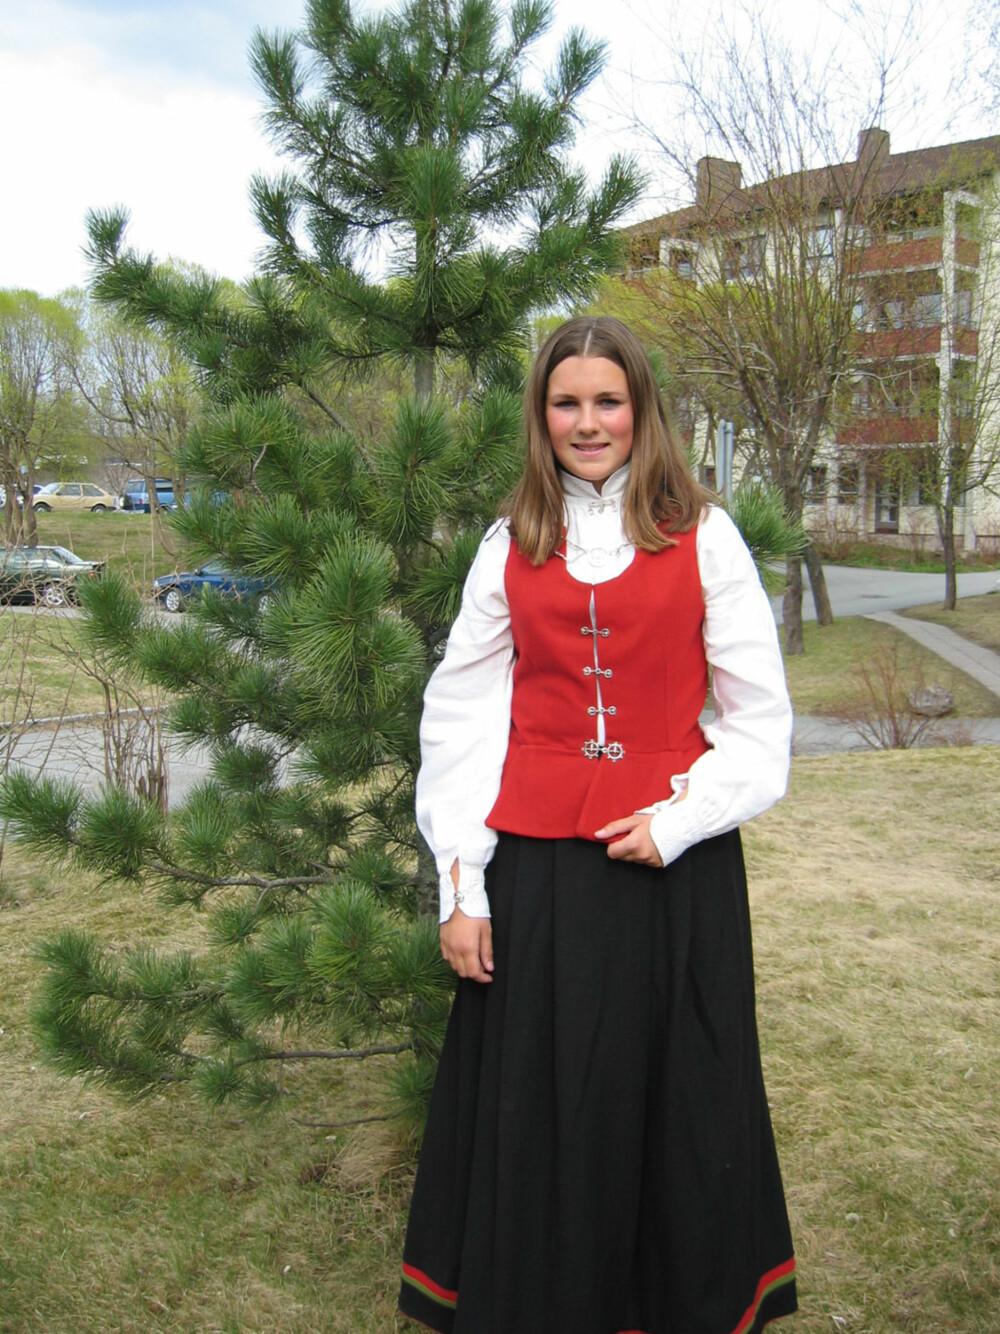 BUNAD:   Hva slags bunad er dette?: Finnmarksbunad, kvinne  Hvem ser vi på bildet? : Dette er ett bilde av meg  Hvor er bildet tatt, og i hvilken situasjon?: Bildet er tatt i 2003 i anledningen min konfirmasjon. Bilde er tatt på Tiller i Trondheim